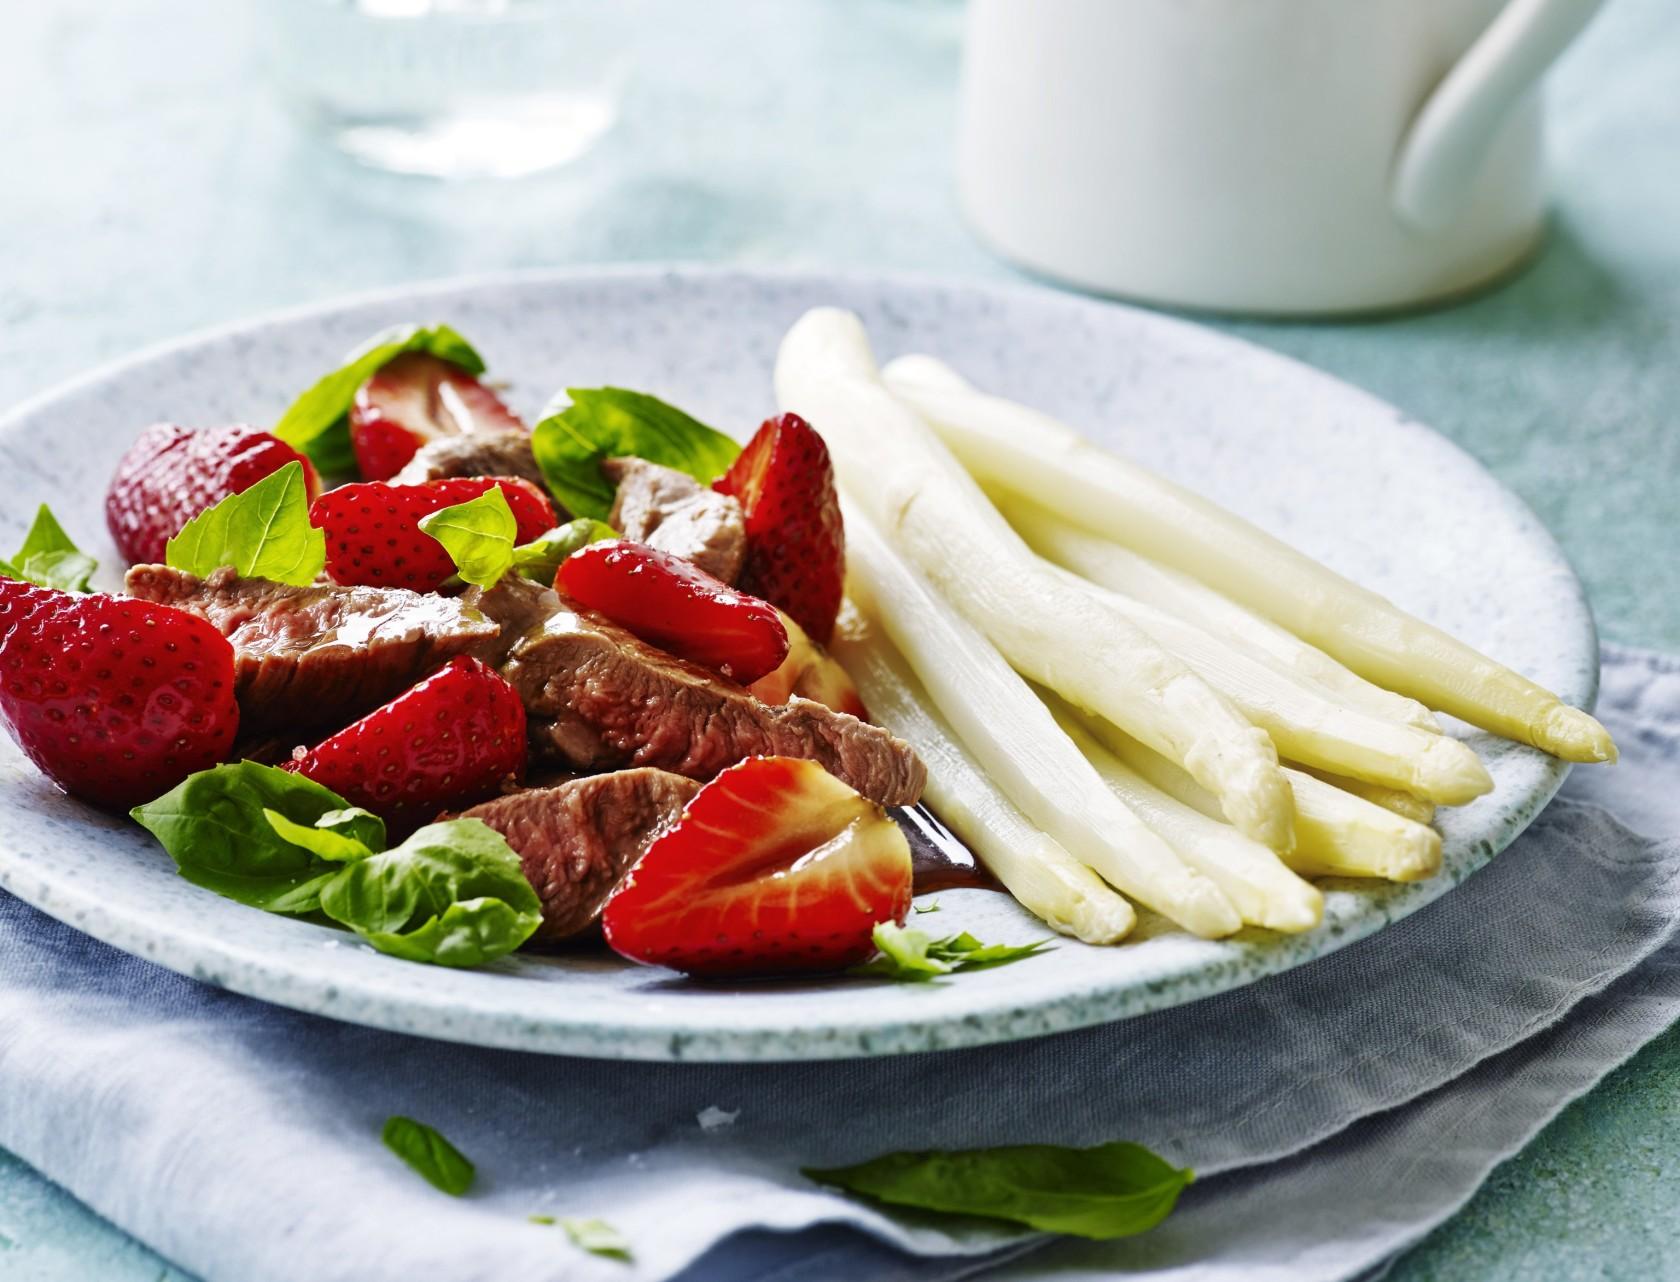 Lammemørbrad med jordbærsauce og hvide asparges